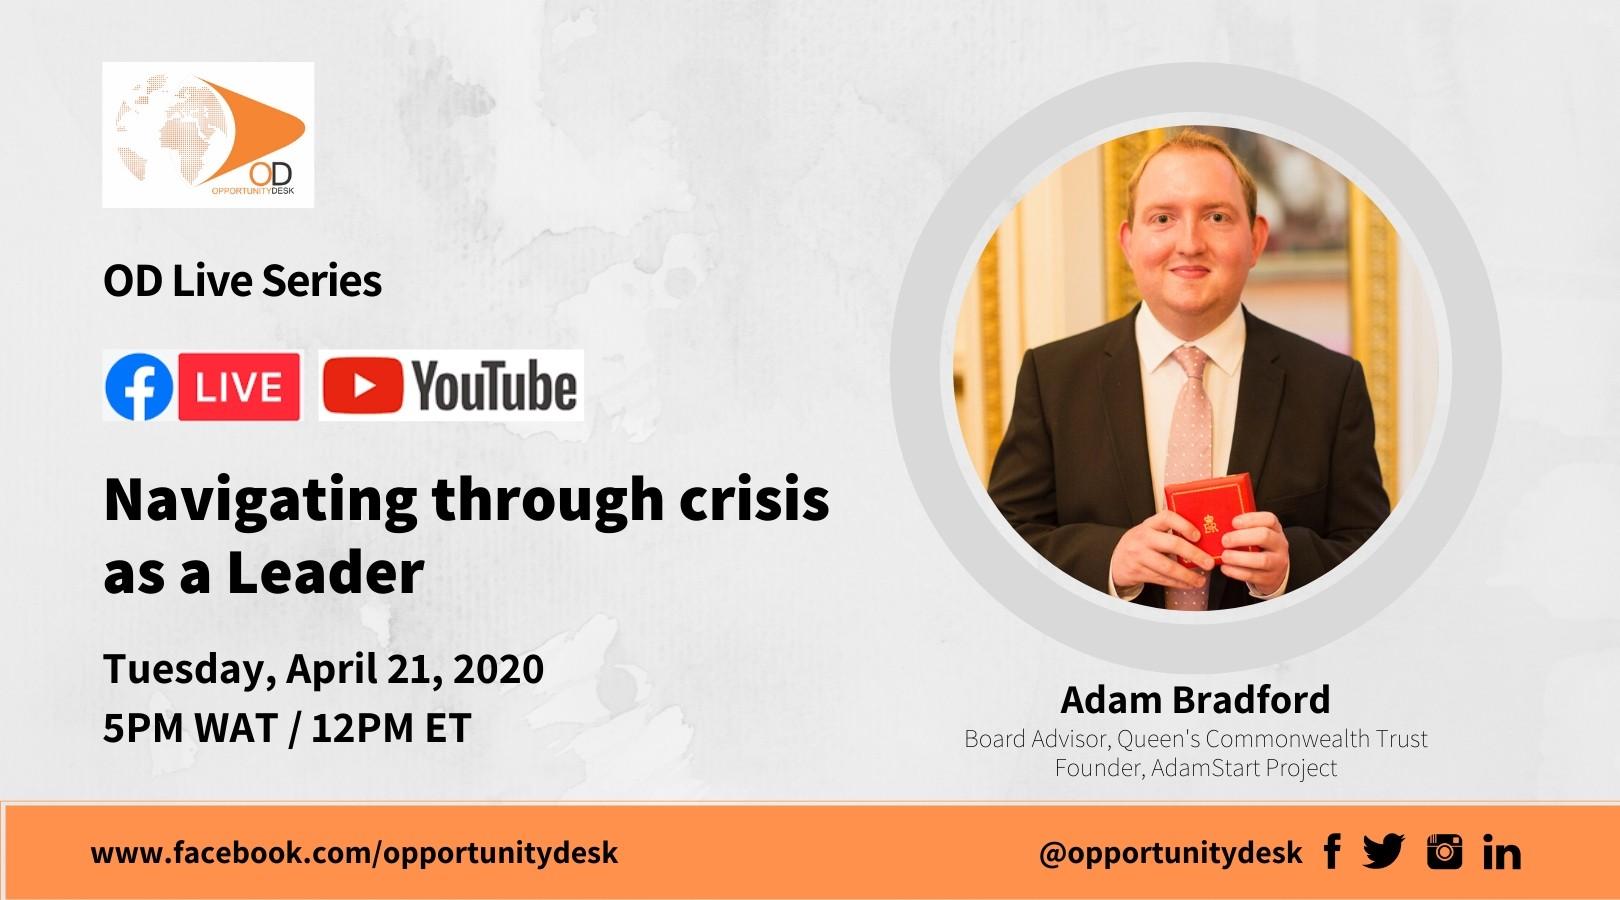 OD Live with Adam Bradford: Navigating through Crisis as a Leader